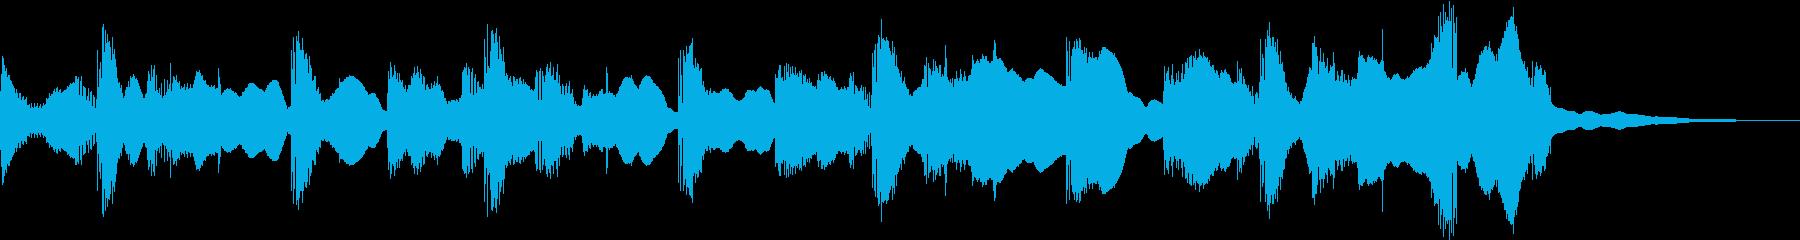 綺麗なテクノポップのジングルの再生済みの波形